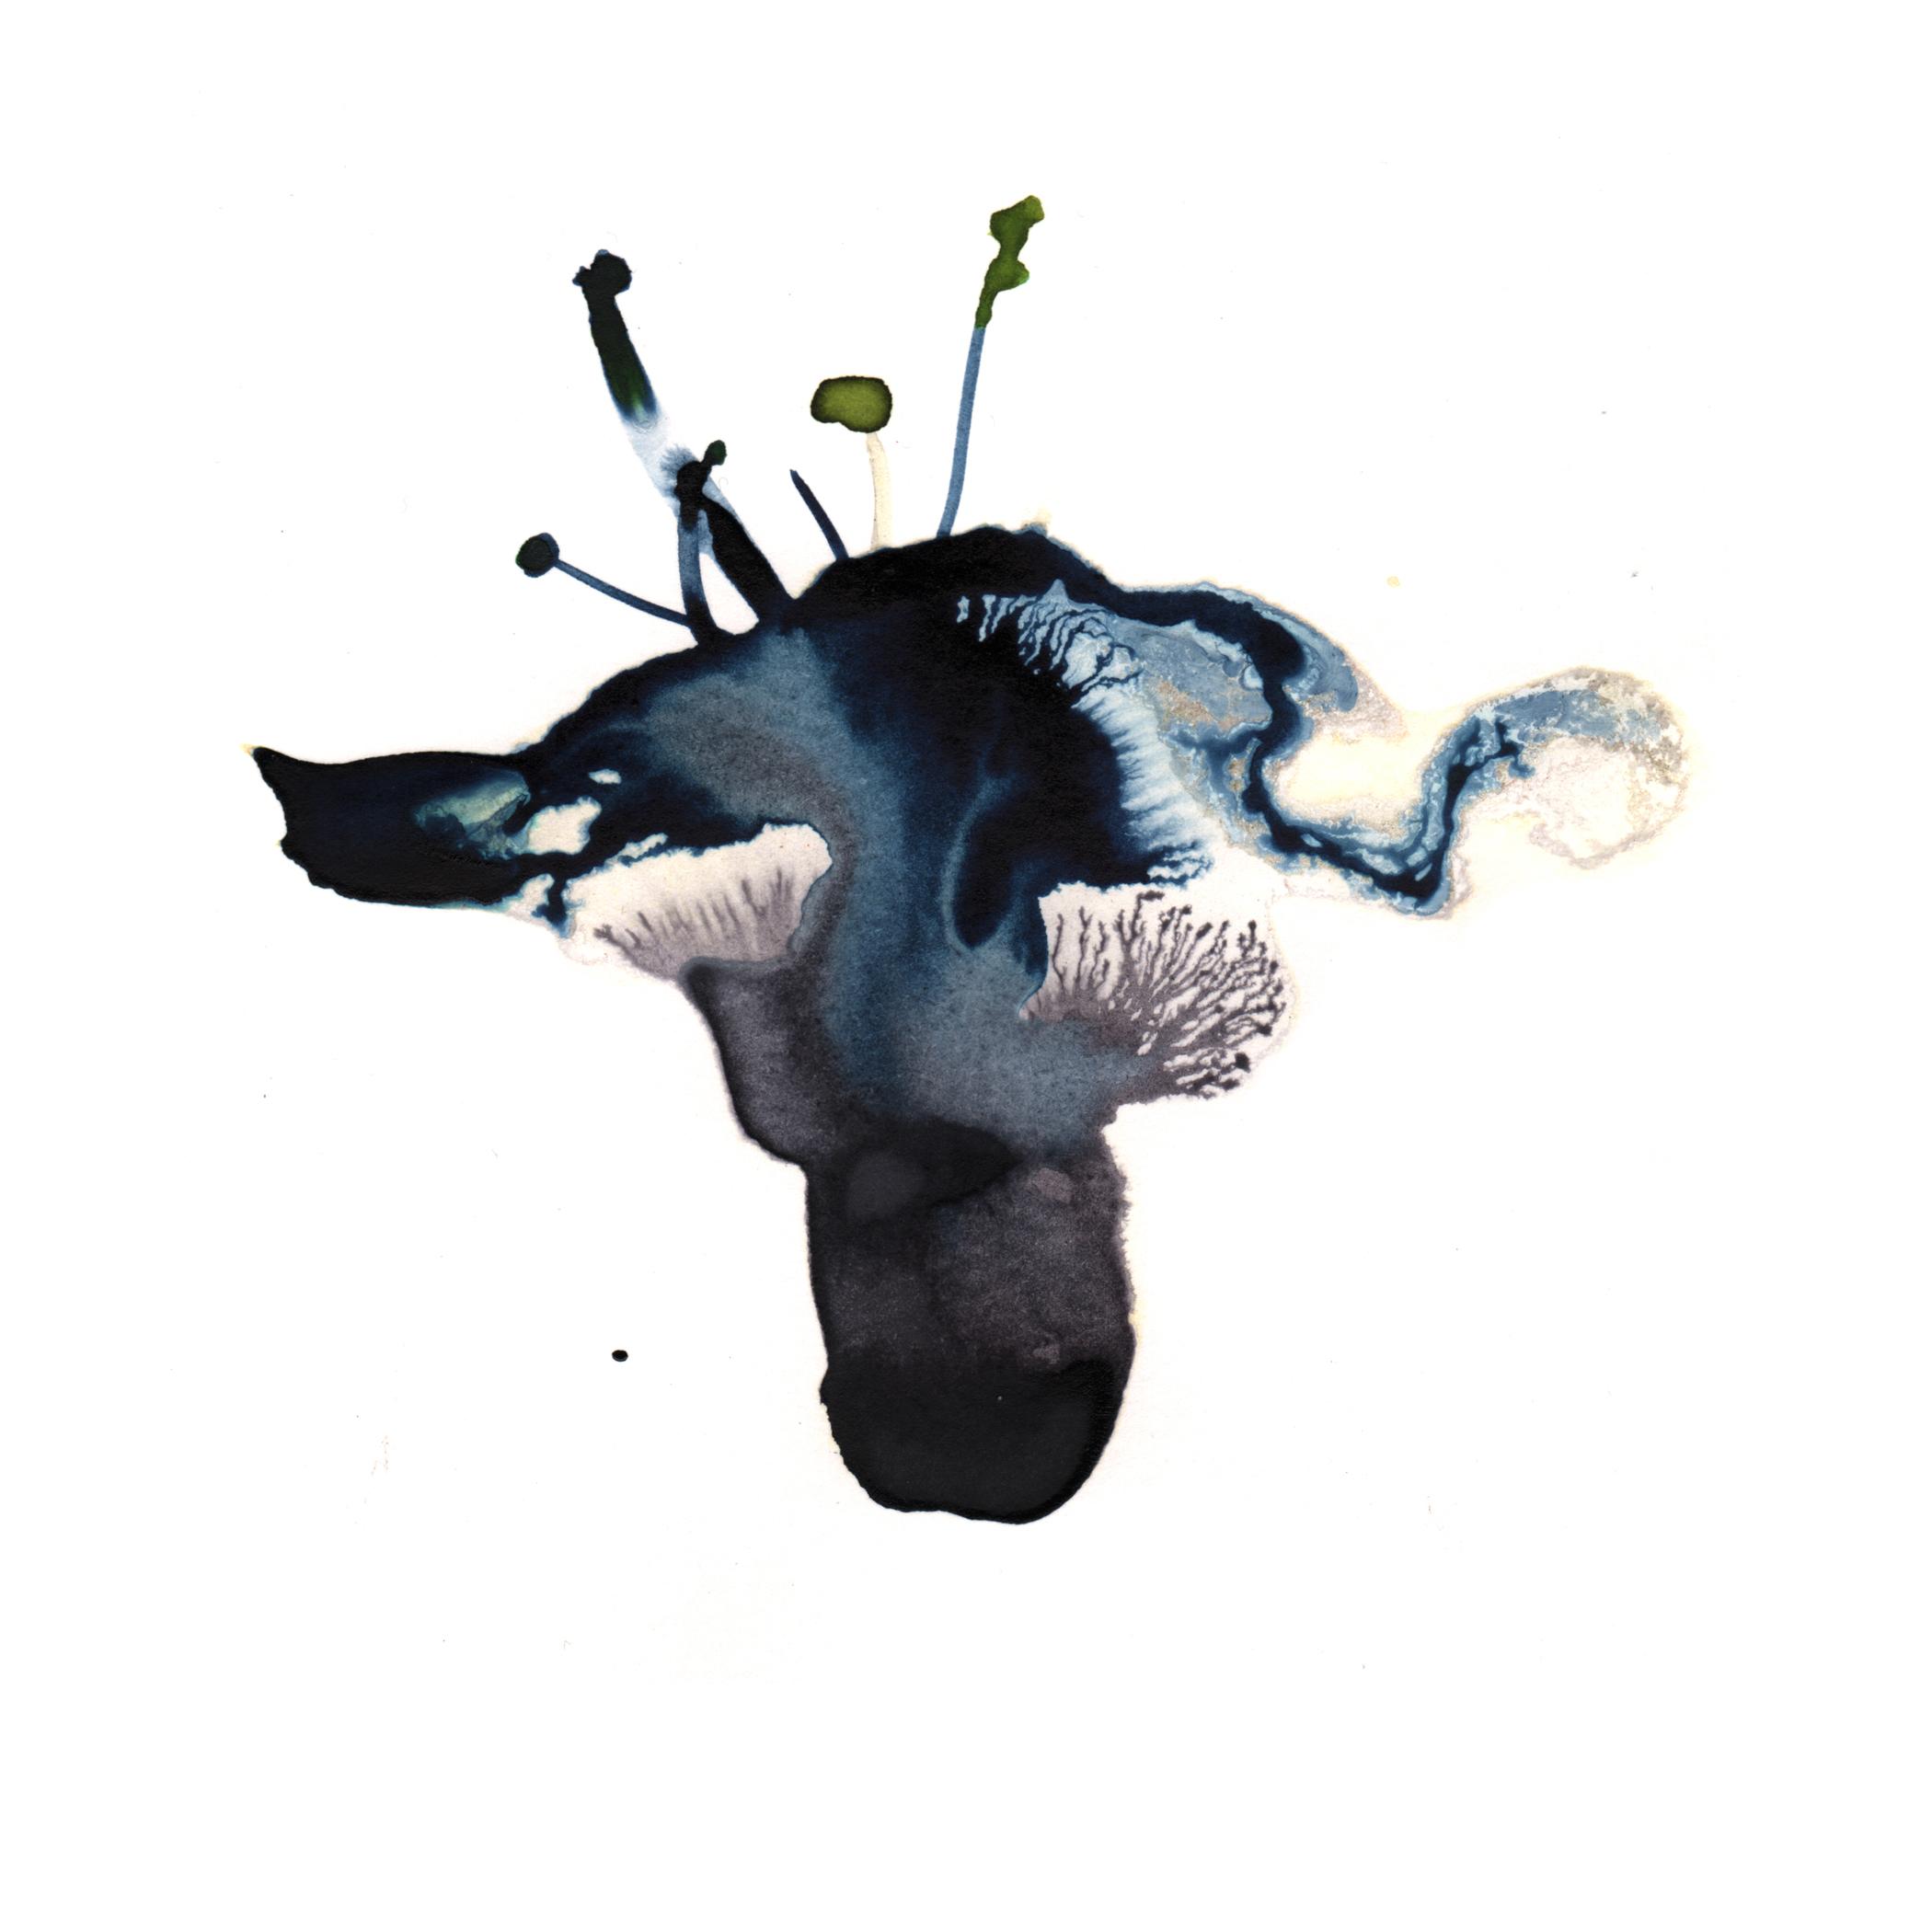 97.Fungi.5.16.14.jpg